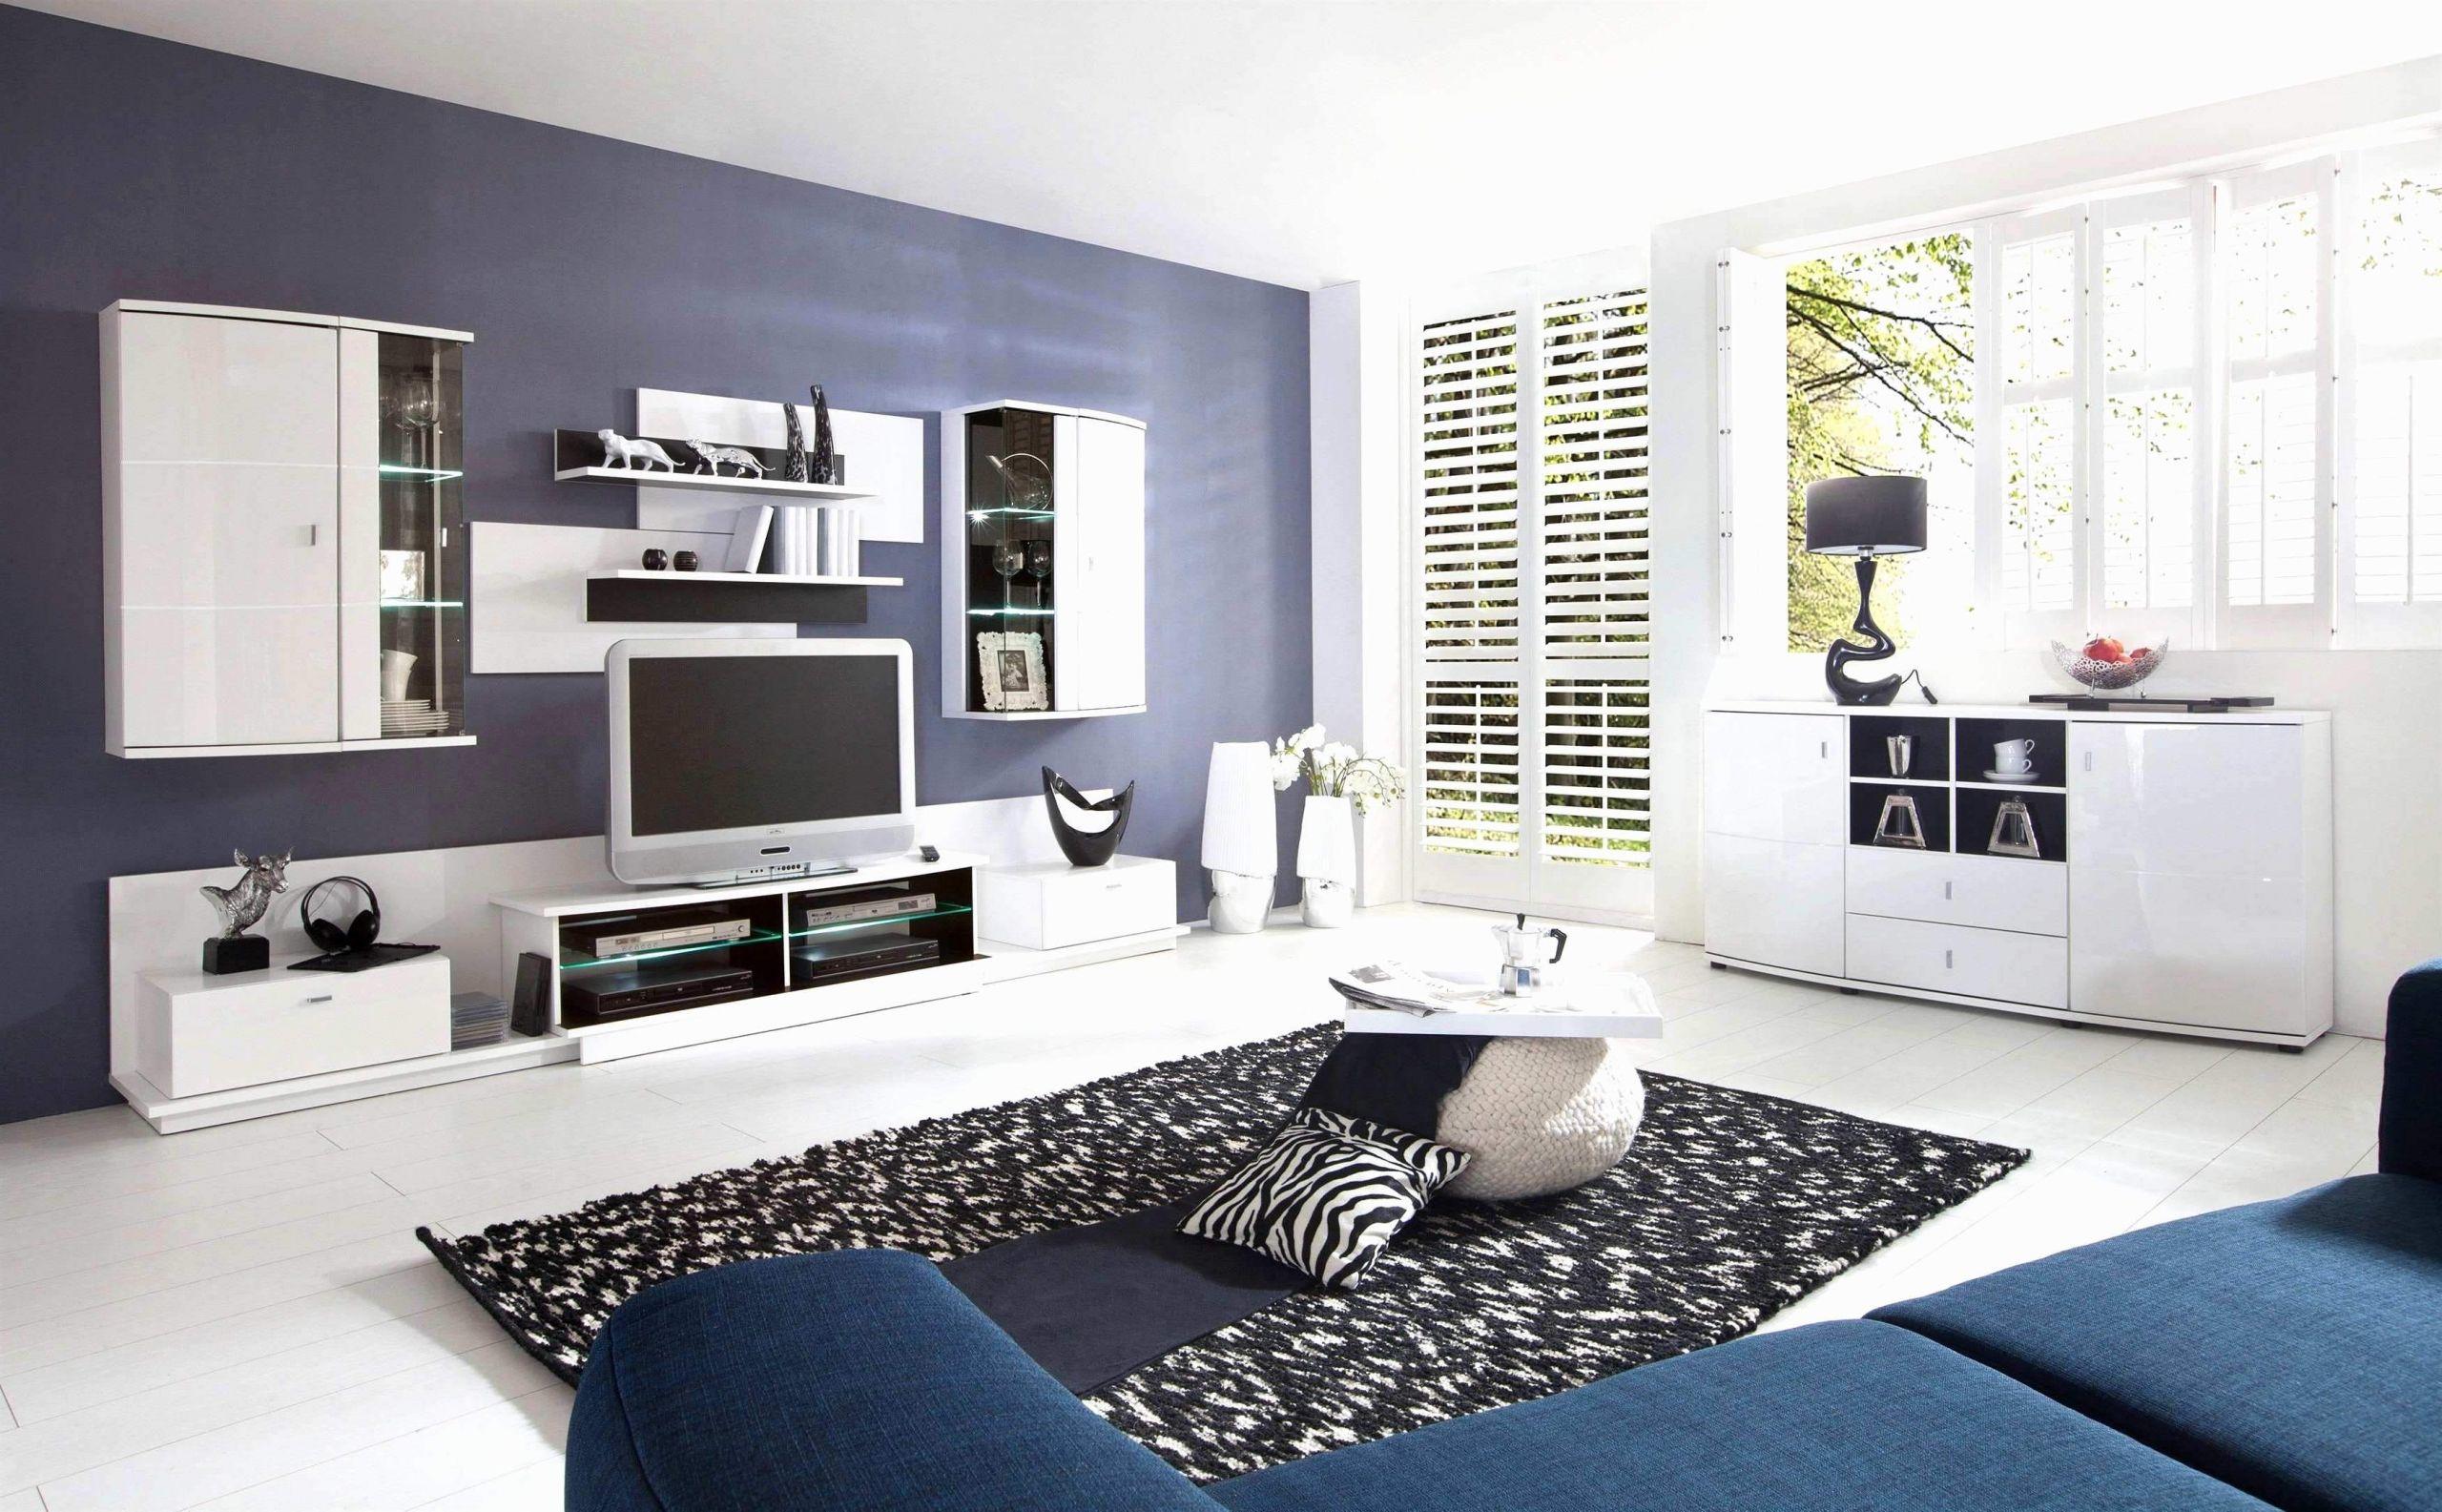 Full Size of Moderne Wandfarben Deckenleuchte Wohnzimmer Duschen Bilder Fürs Esstische Modernes Bett 180x200 Sofa Landhausküche Wohnzimmer Moderne Wandfarben